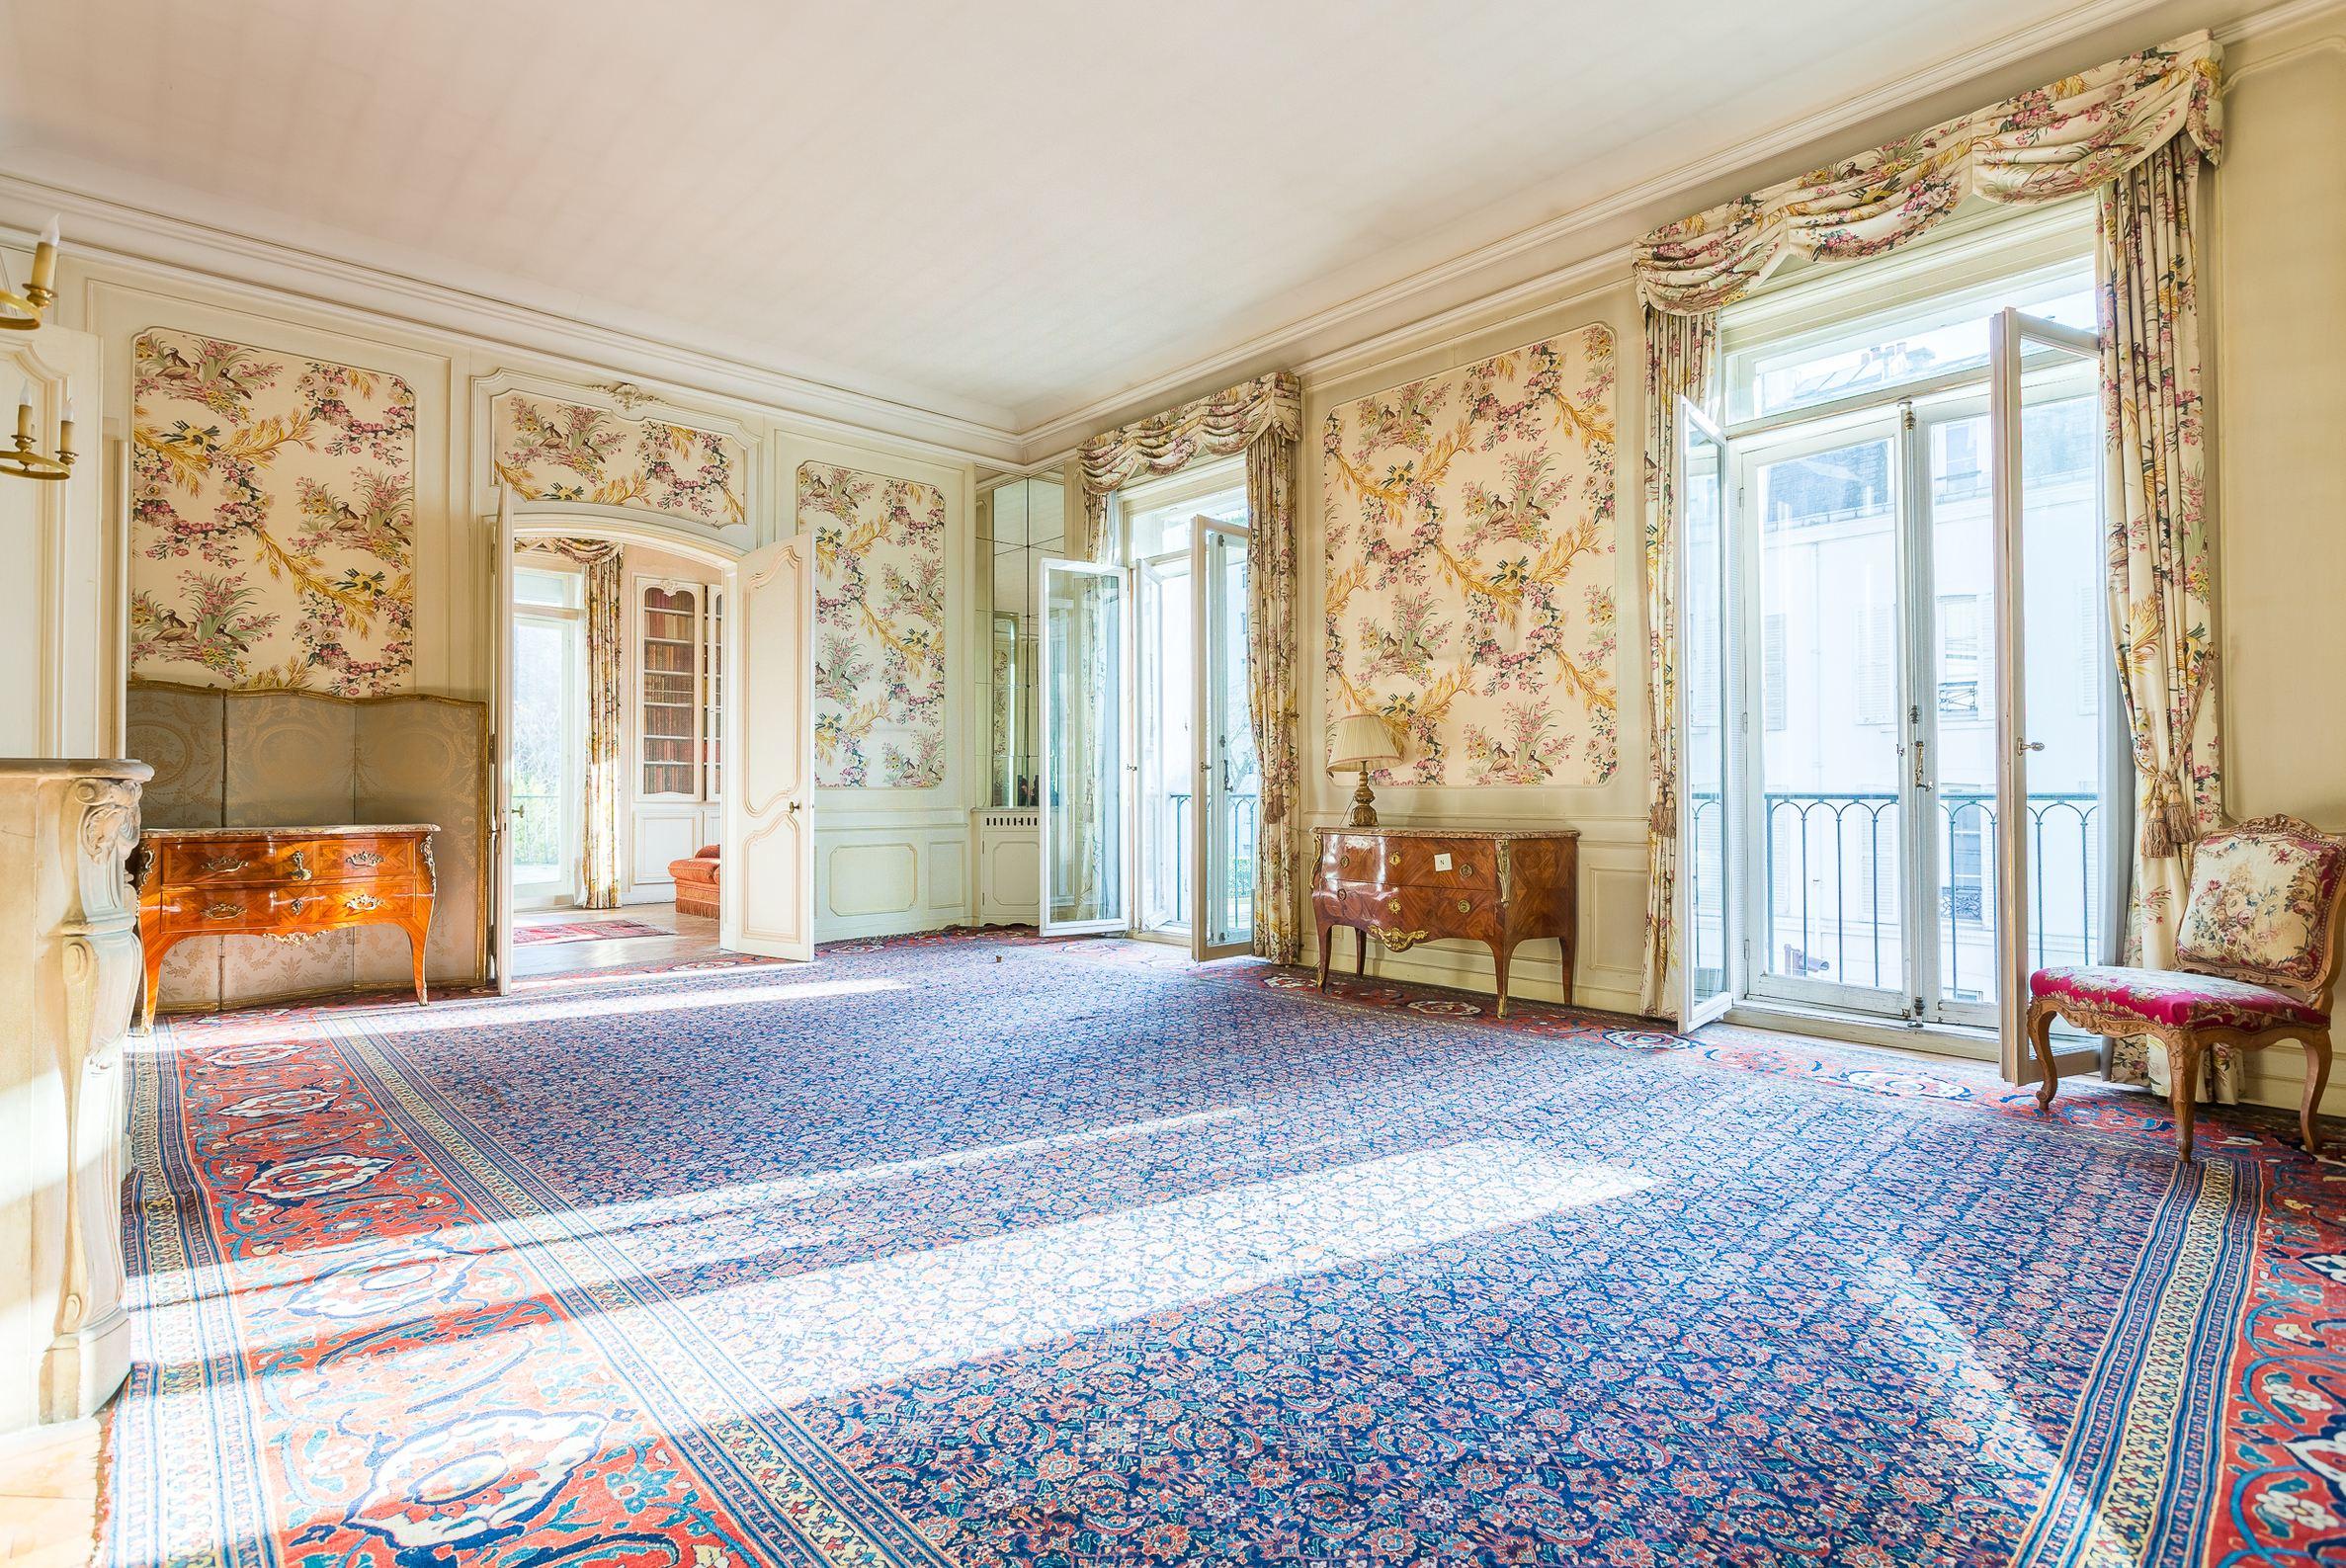 Property For Sale at Appartement Neuilly sur Seine à proximité du bois de boulogne